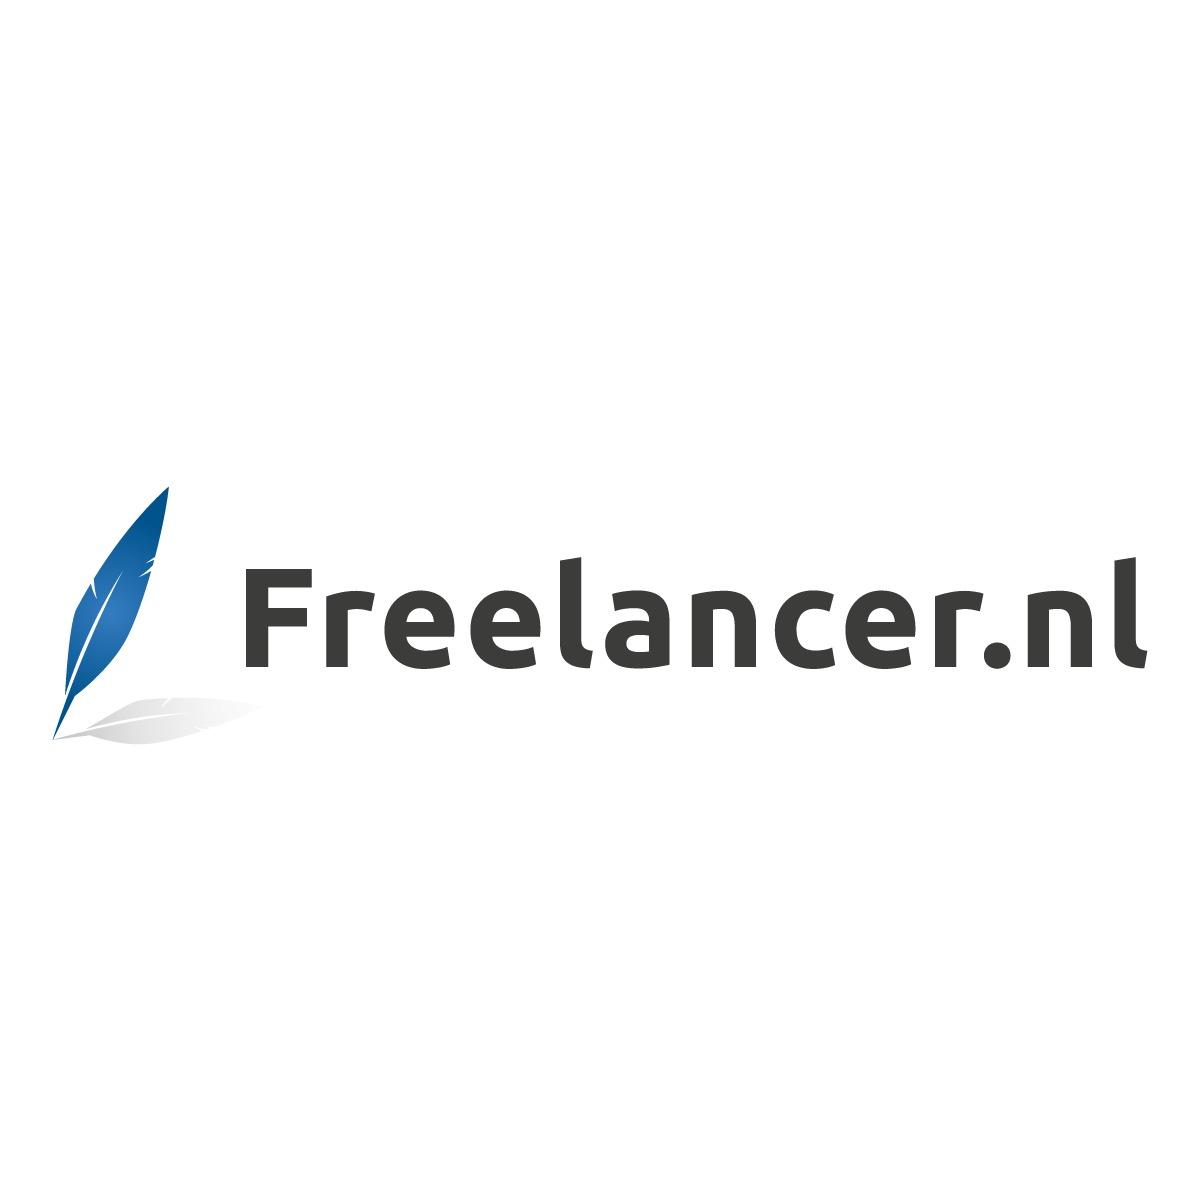 Freelancer.nl